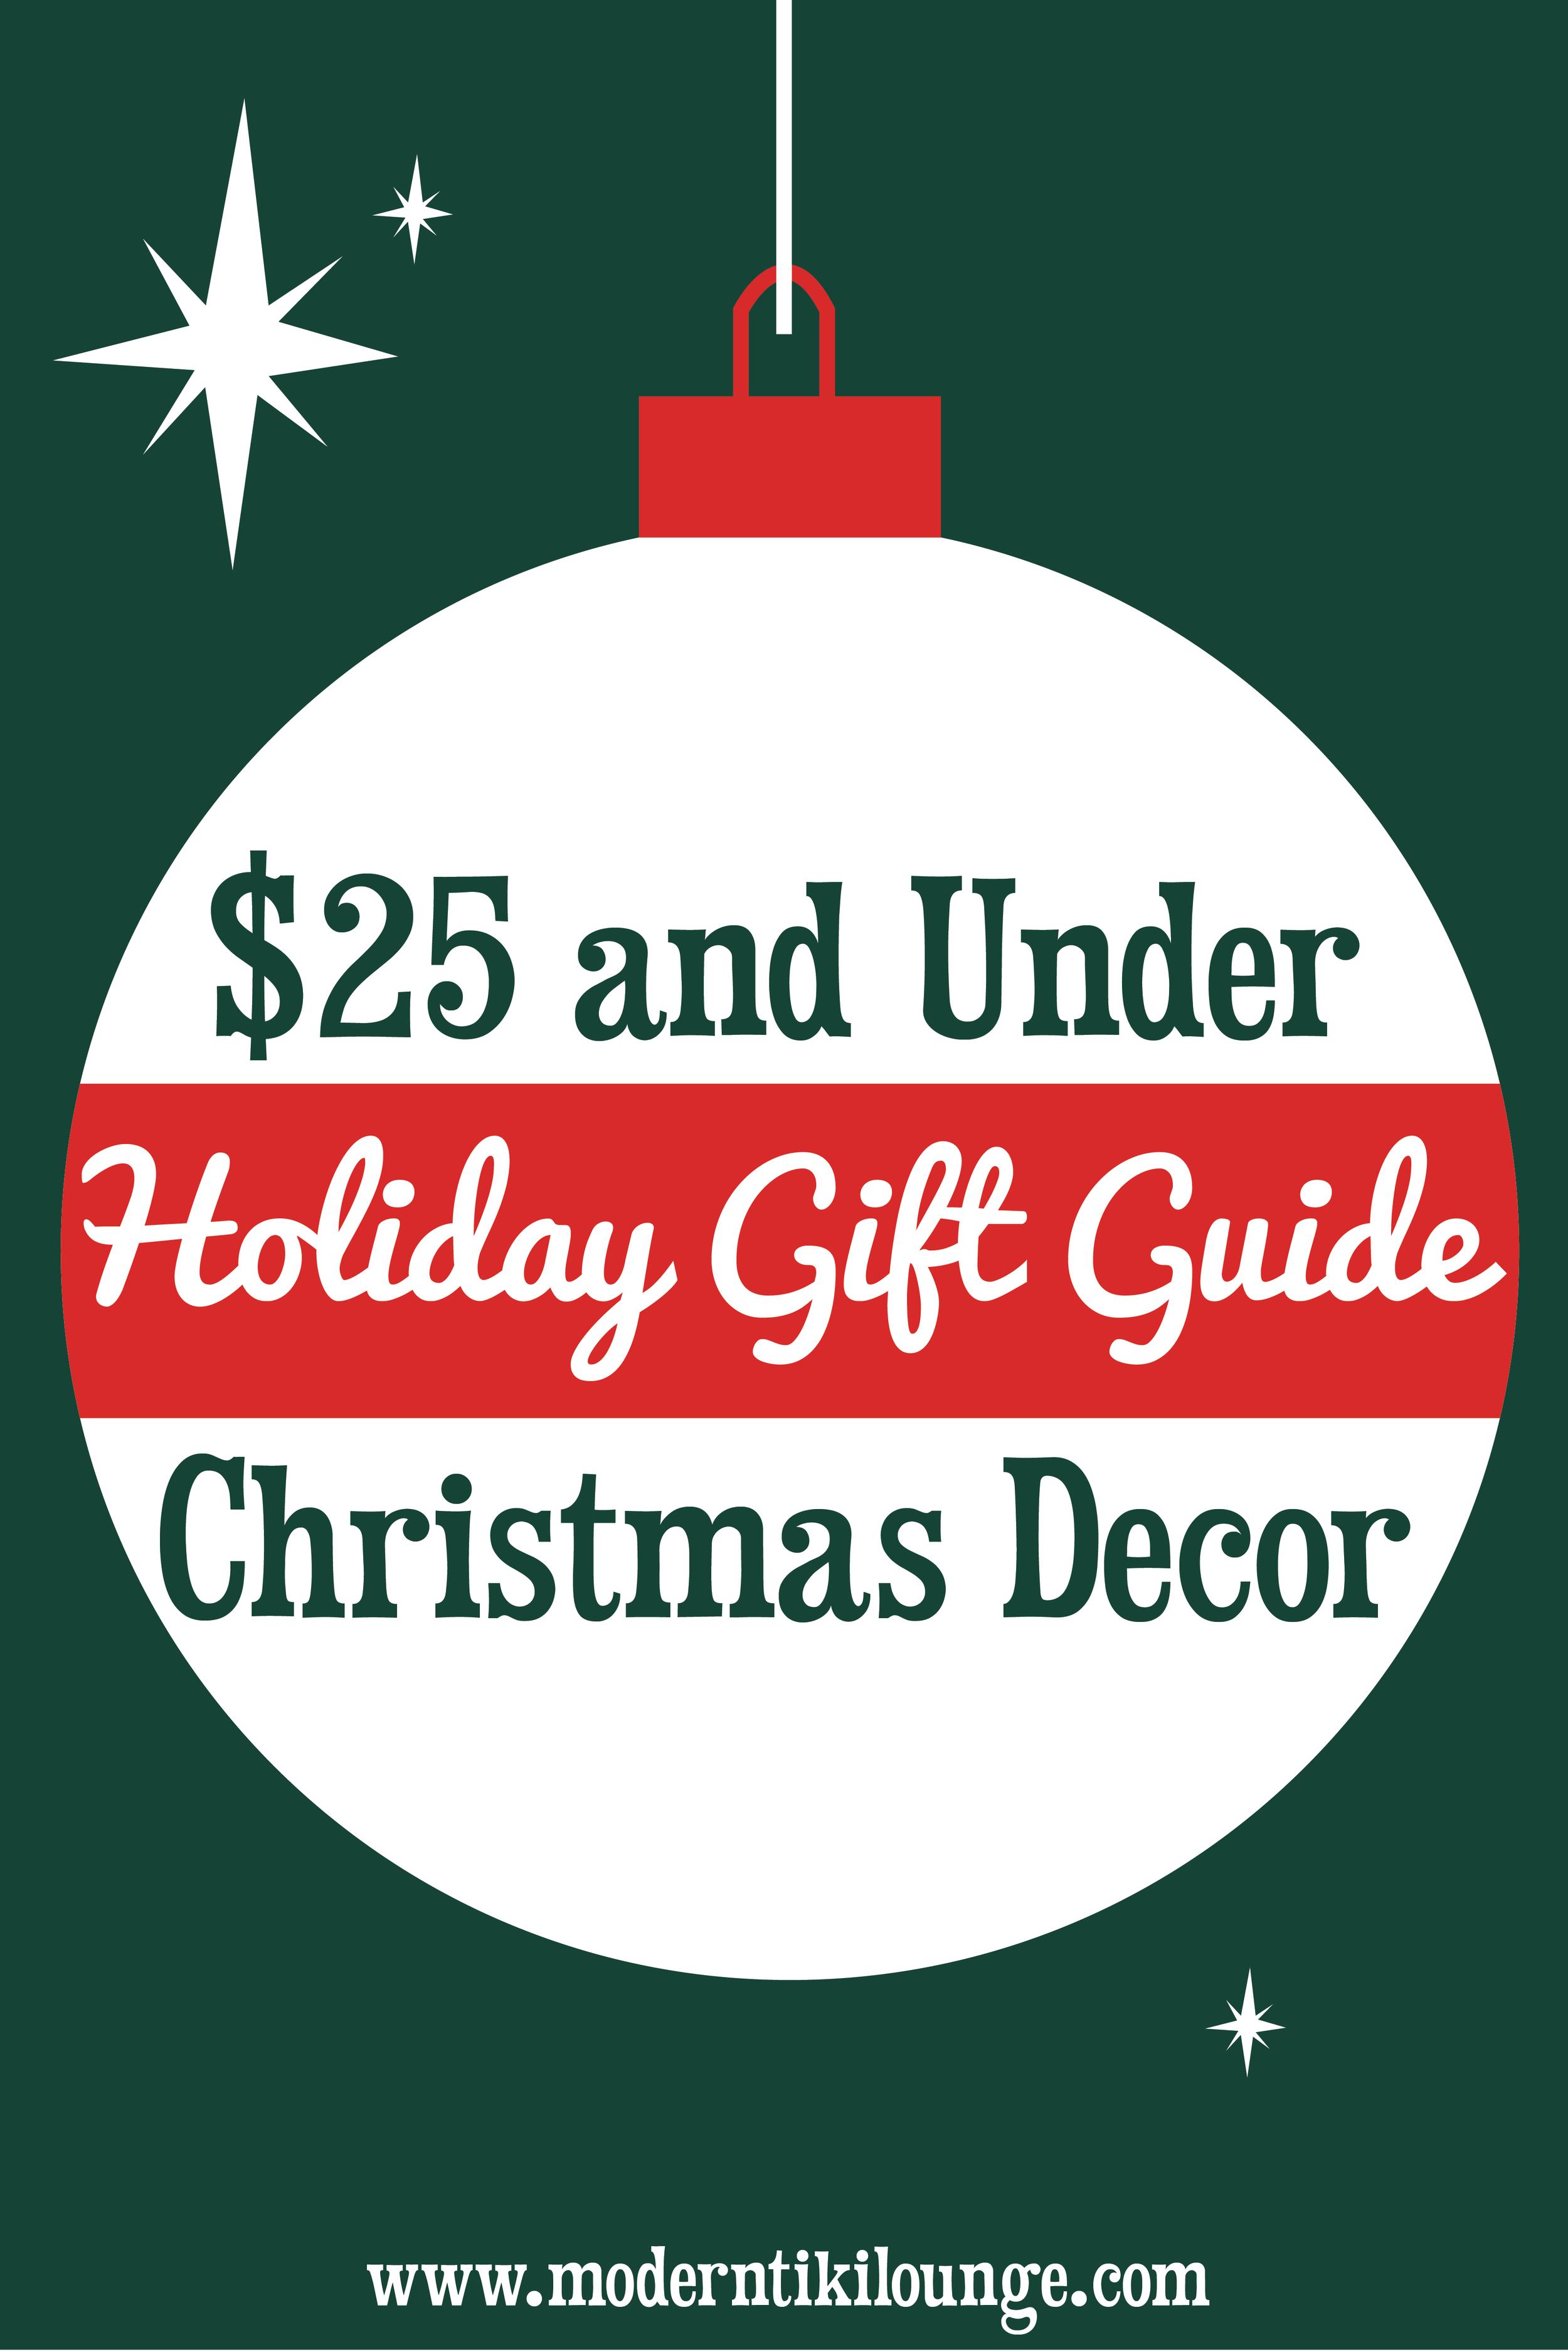 holiday-gift-guide-christmas-decor.jpg